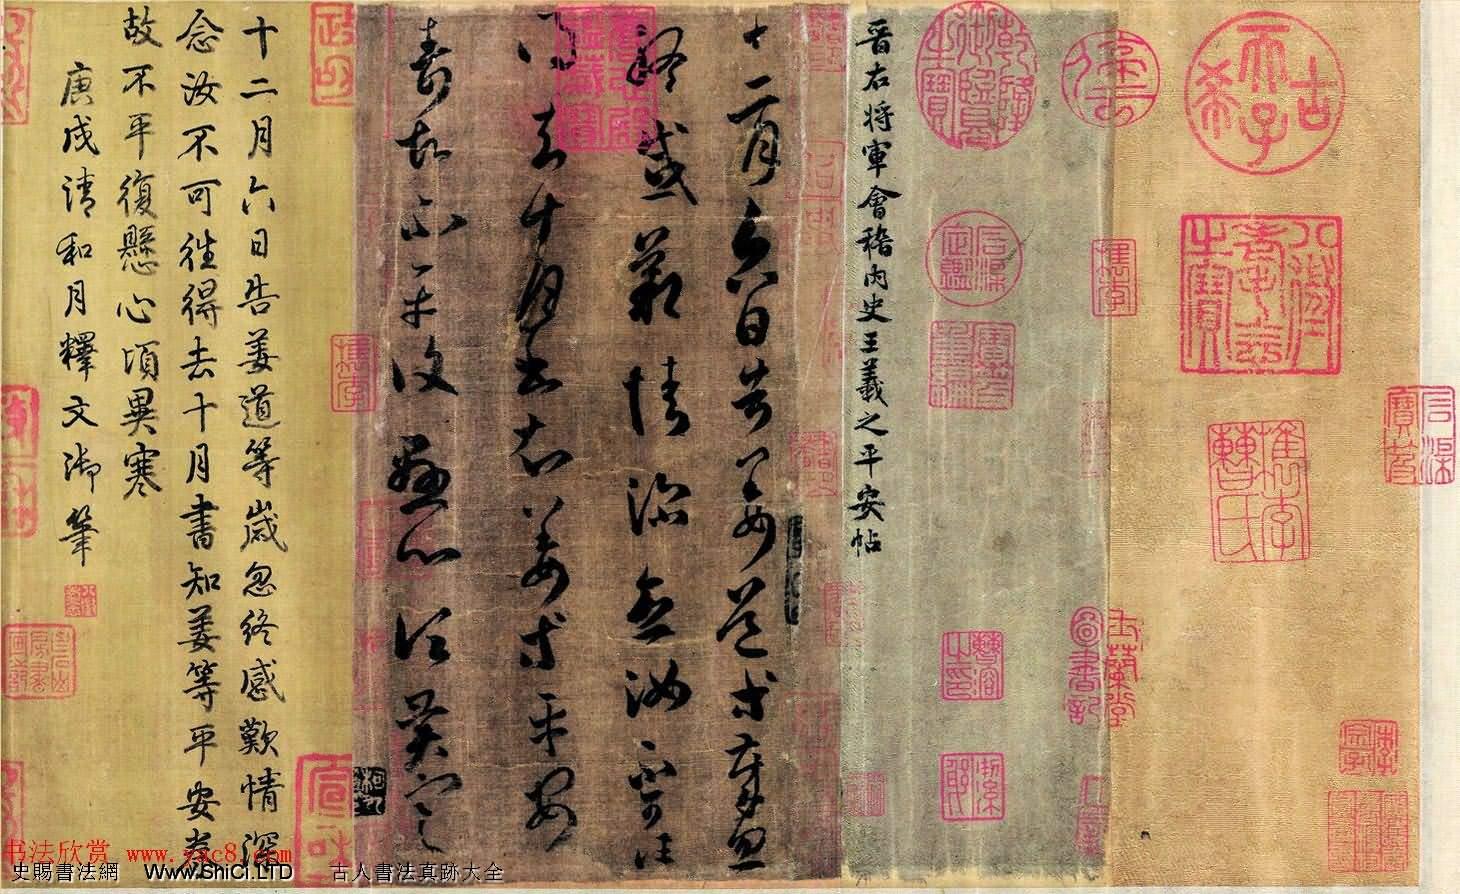 晉右將軍會稽內史王羲之草書平安帖(共2張圖片)